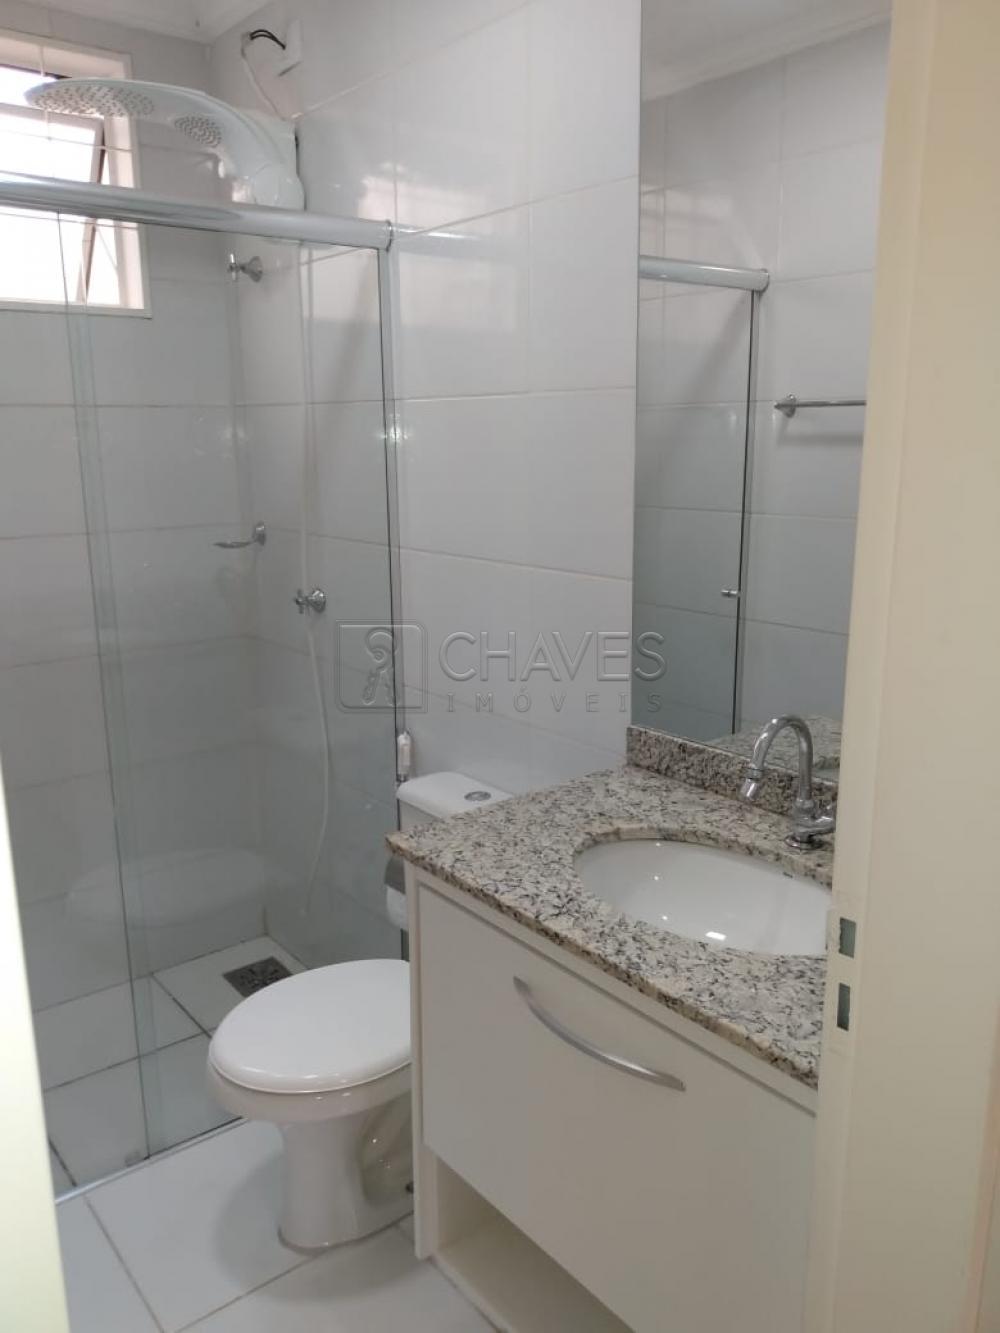 Comprar Apartamento / Padrão em Brodowski R$ 150.000,00 - Foto 16